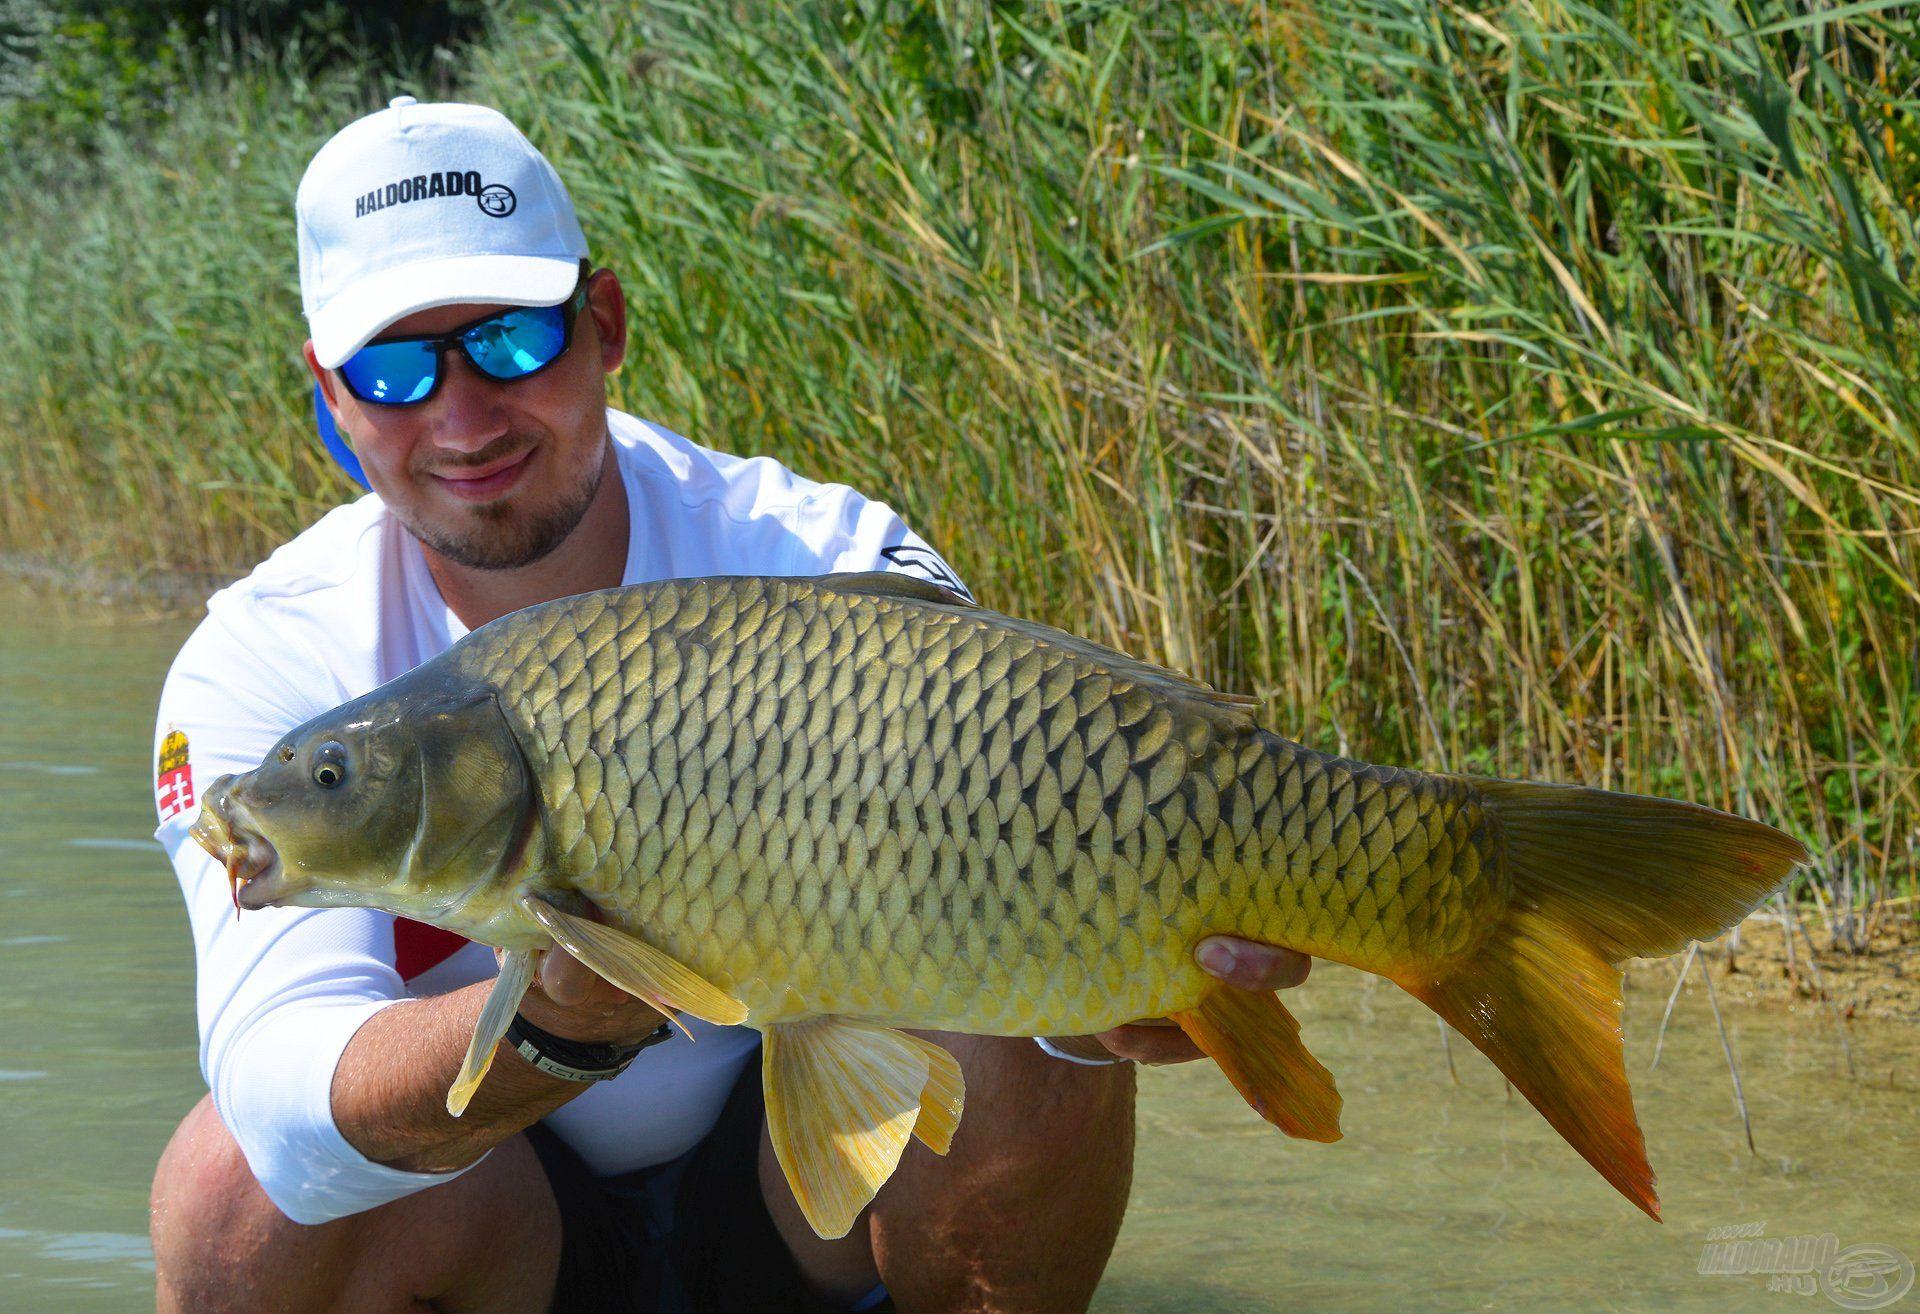 Ez volt a leginkább jellemző méret a horgászaton, az ilyen méretű tőpontyból fogtuk a legtöbbet